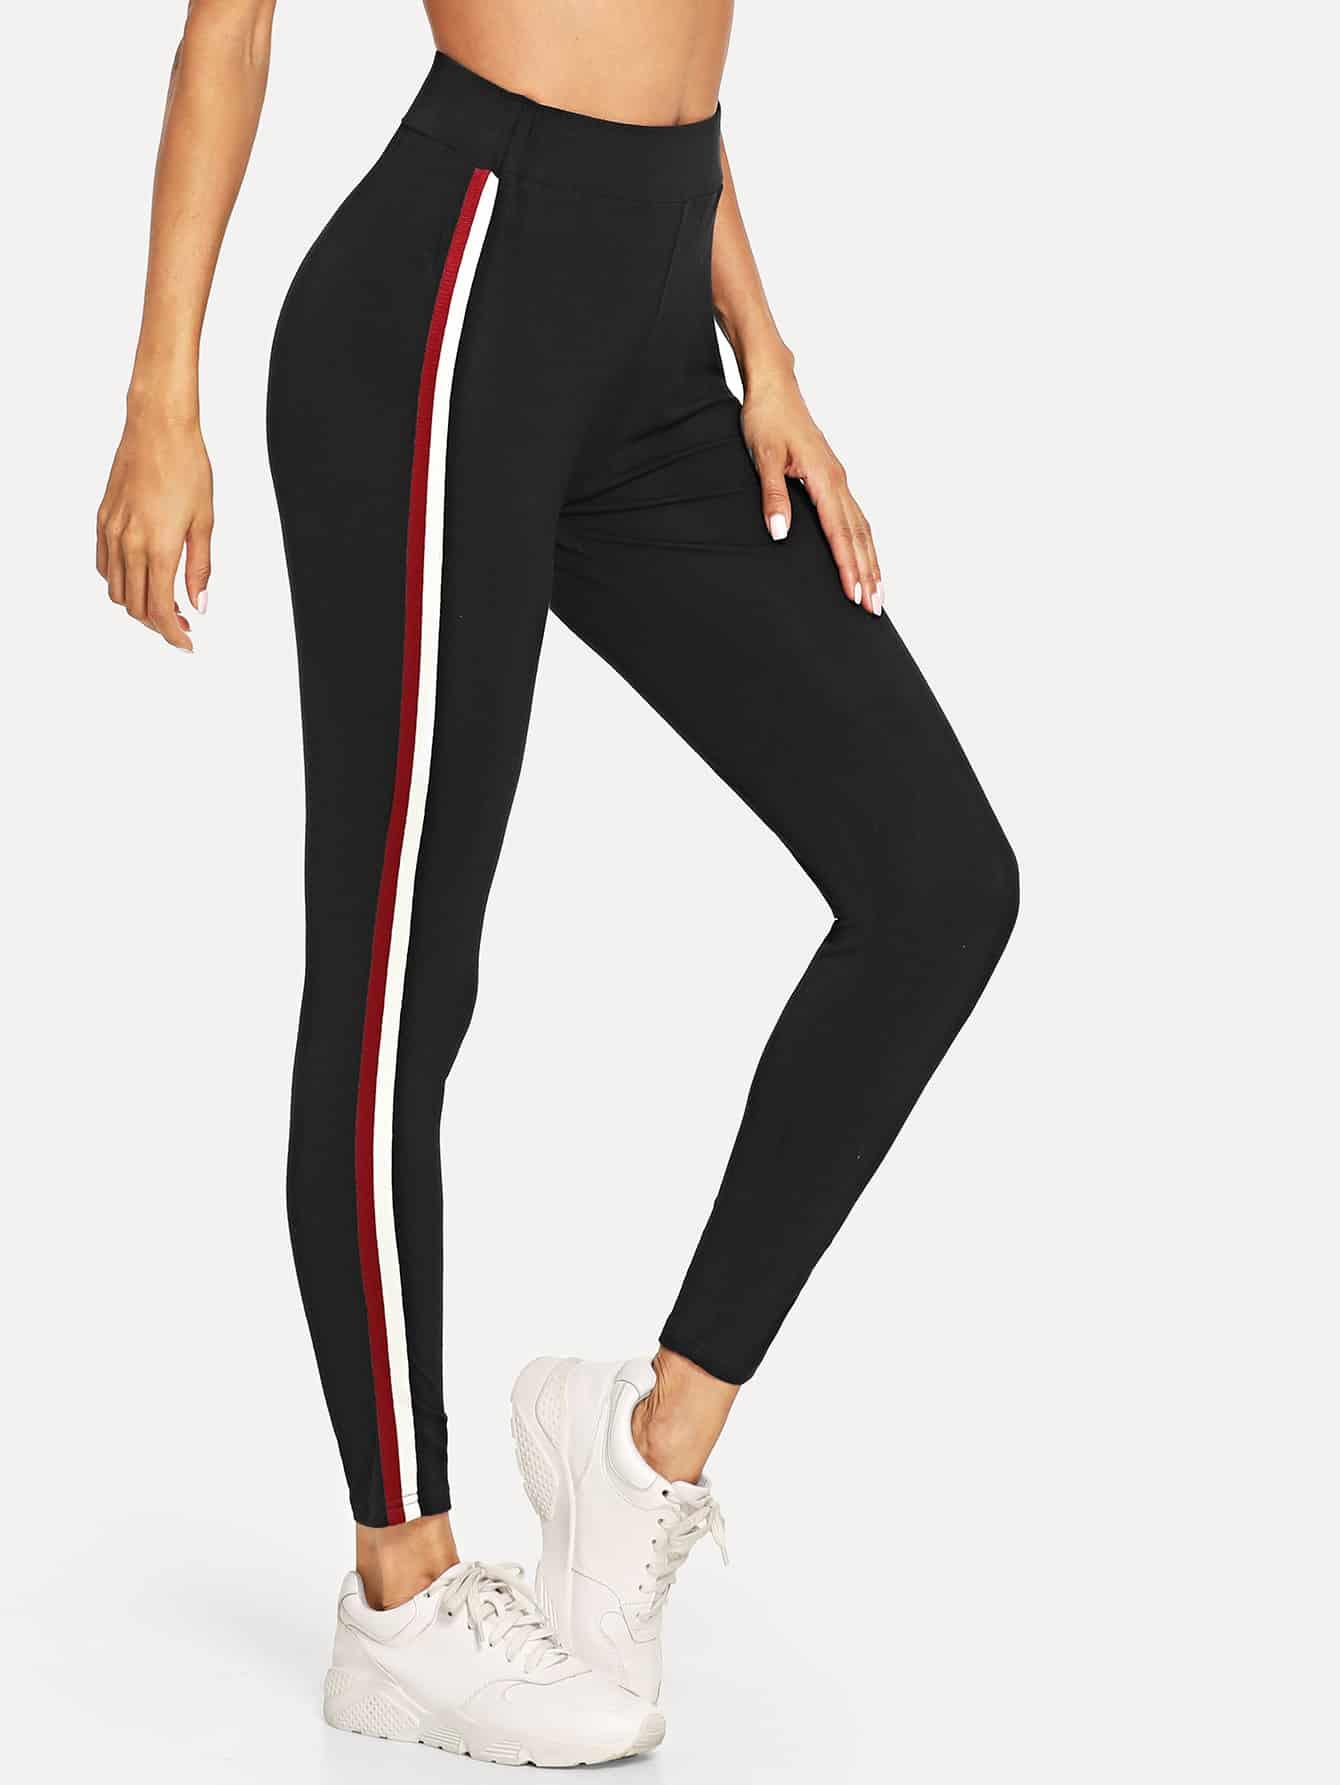 Wide Waist Striped Side Leggings wide waist camo print leggings